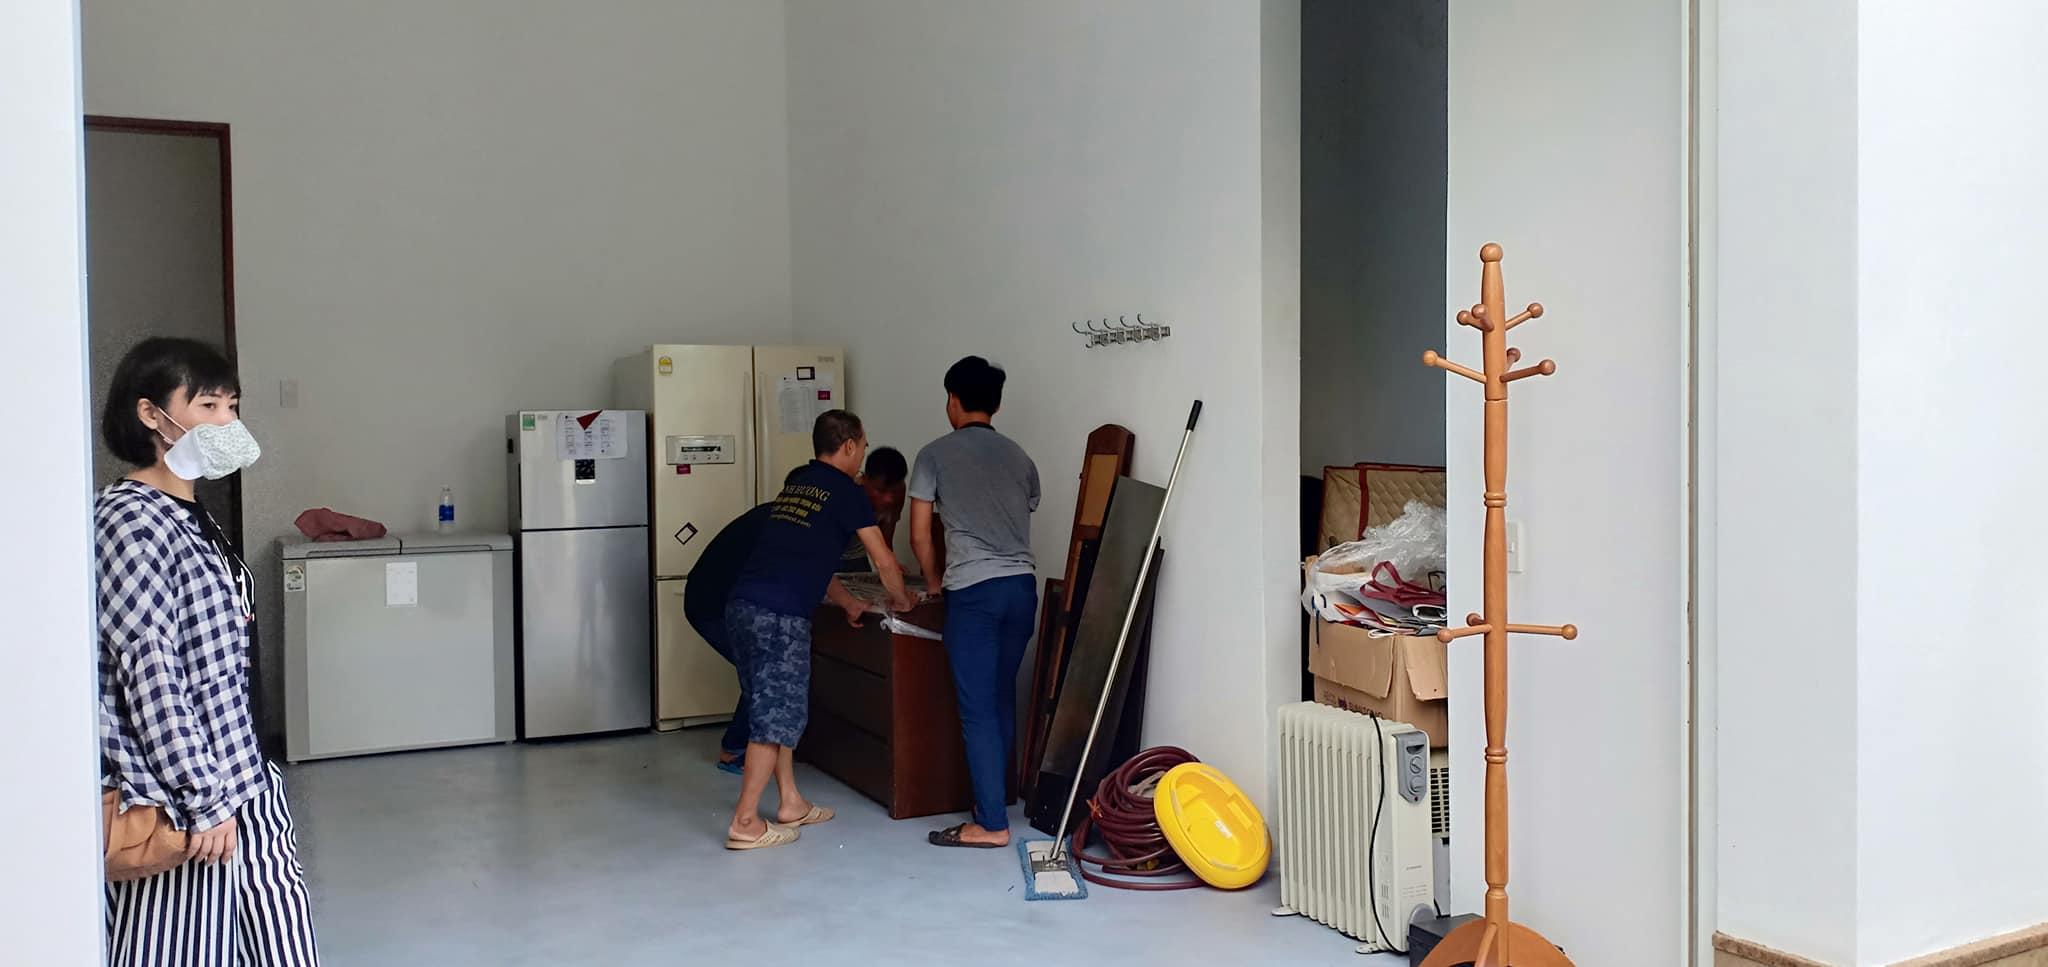 Dịch vụ chuyển nhà trọn gói, chuyển văn phòng, kho xưởng giá rẻ